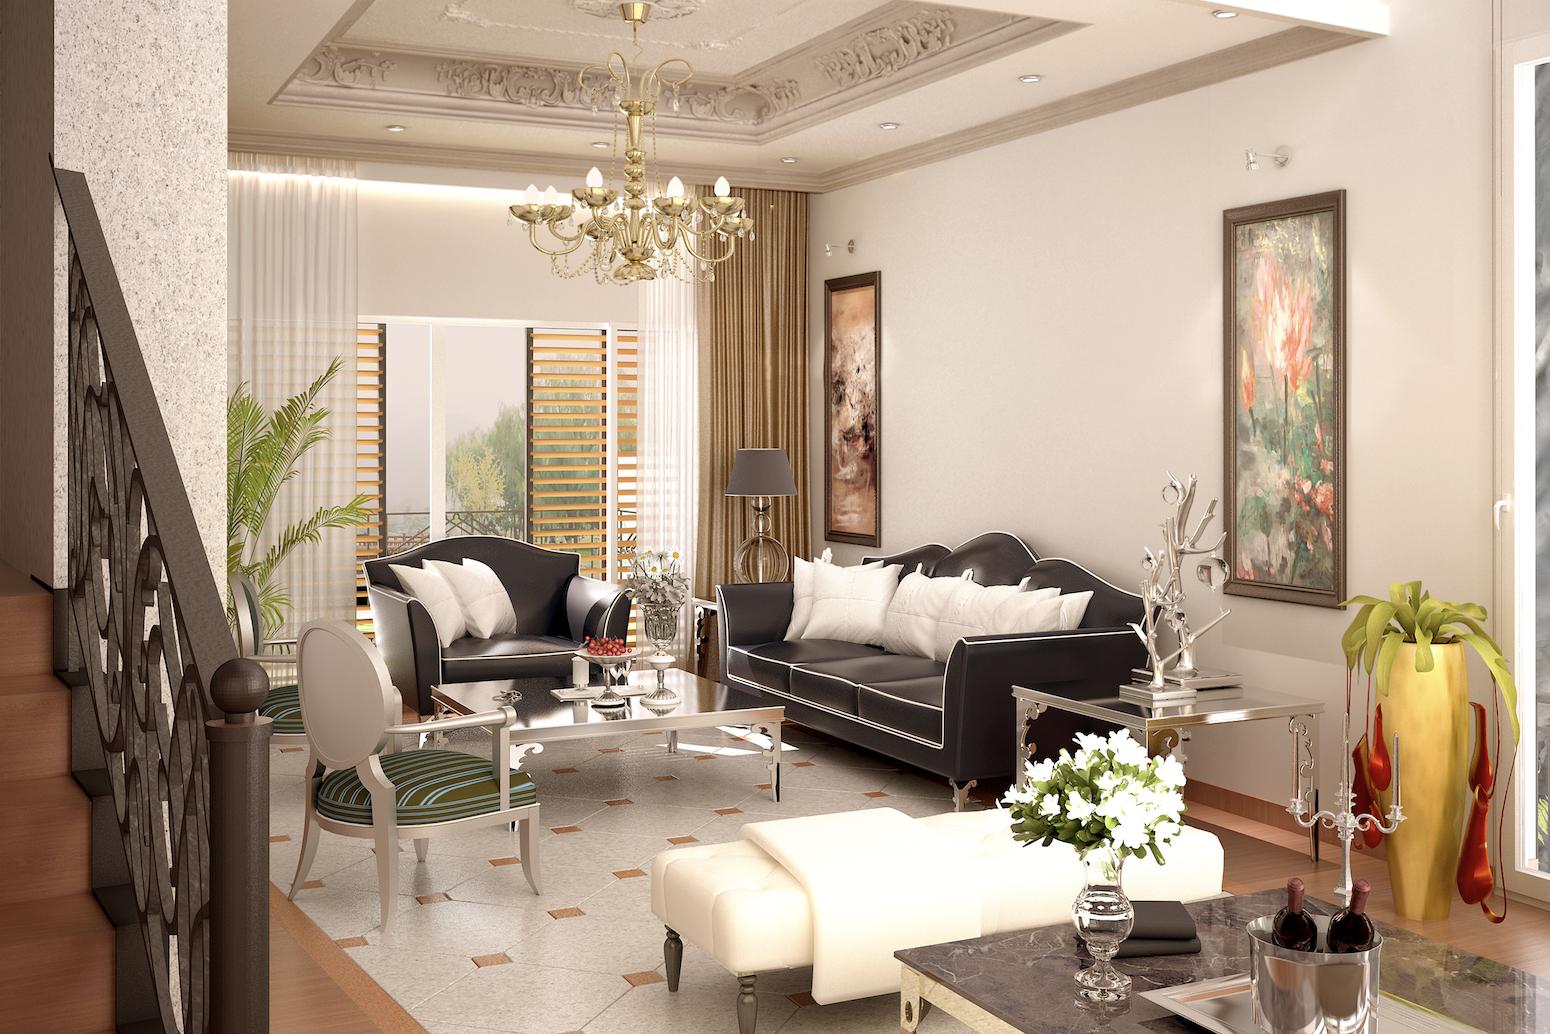 karla chacon Karla Chacon: Glamorous Modern Interior Design Ideas Karla Cachon Principal living Villa Hanoi Vietnam